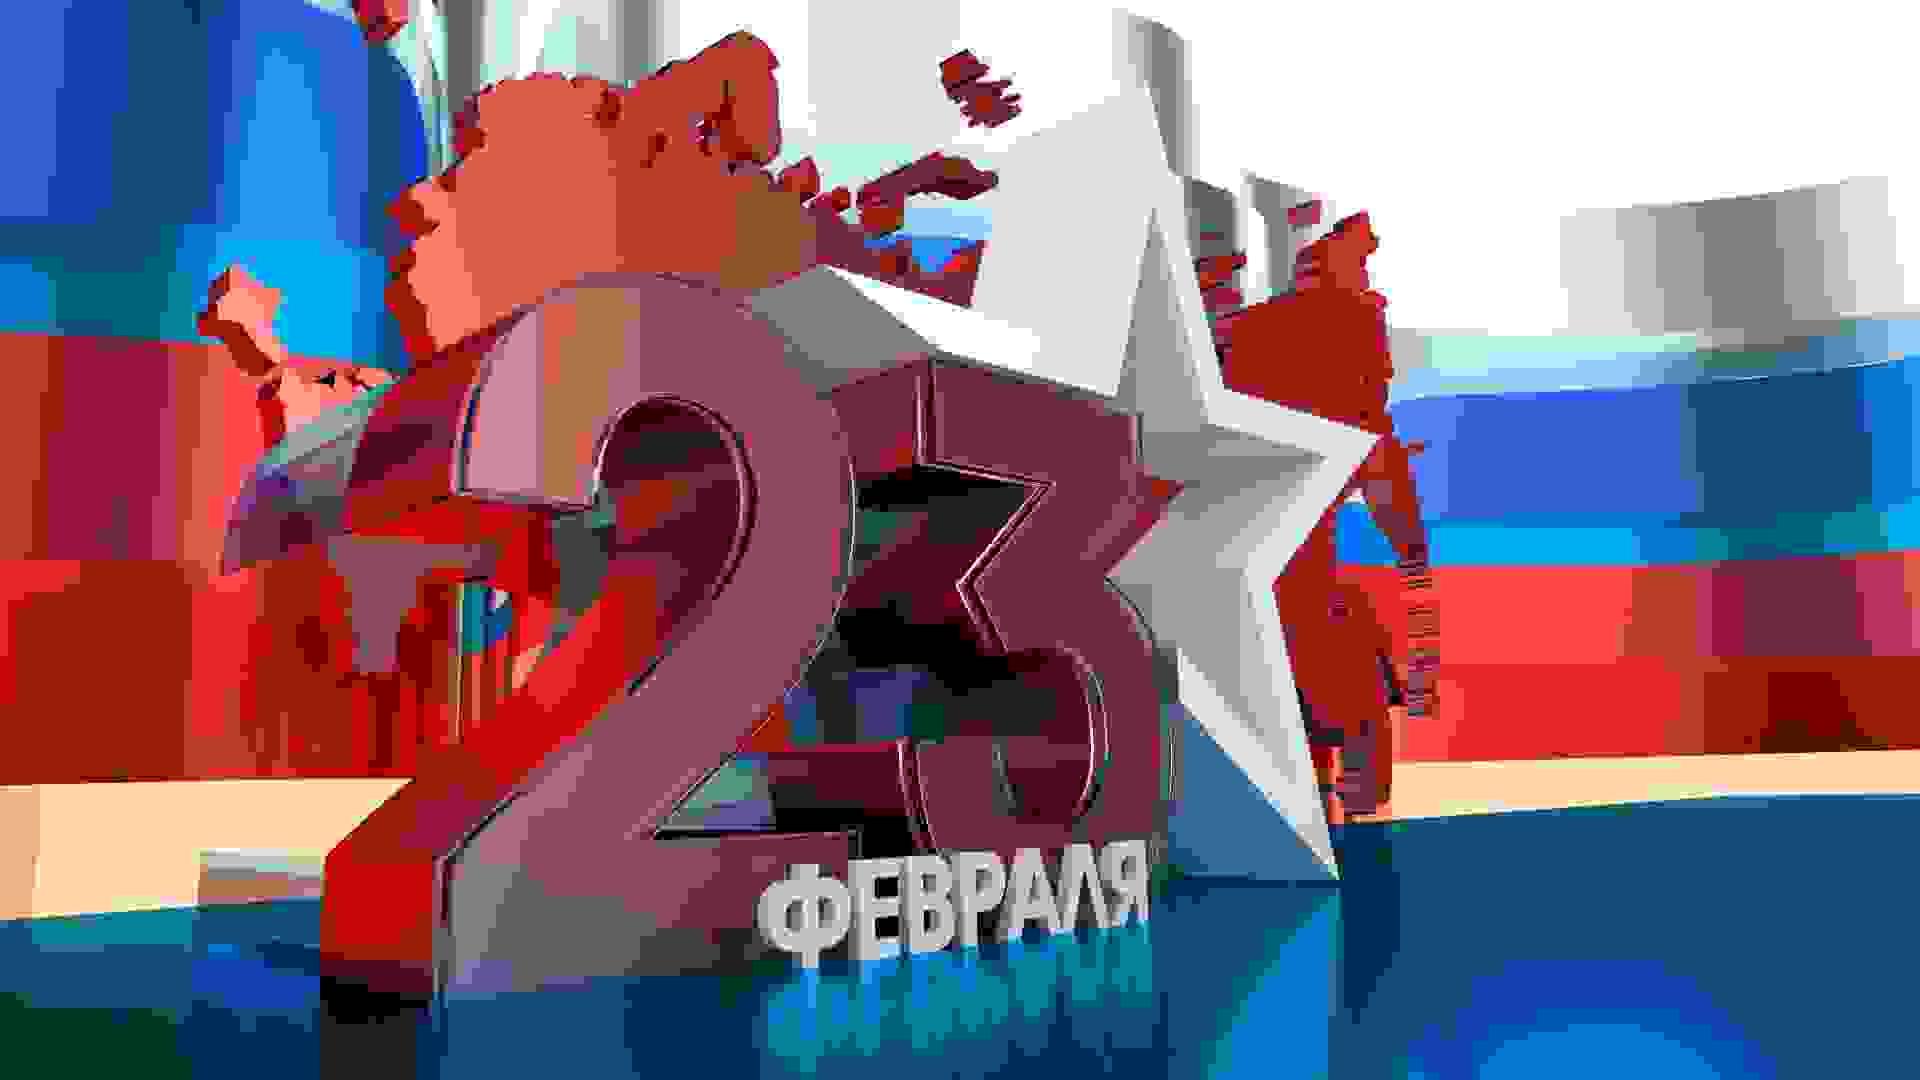 23февраля вНовороссийске пройдет флэш-моб, концерт, дискотека, фейерверк иартиллерийский салют